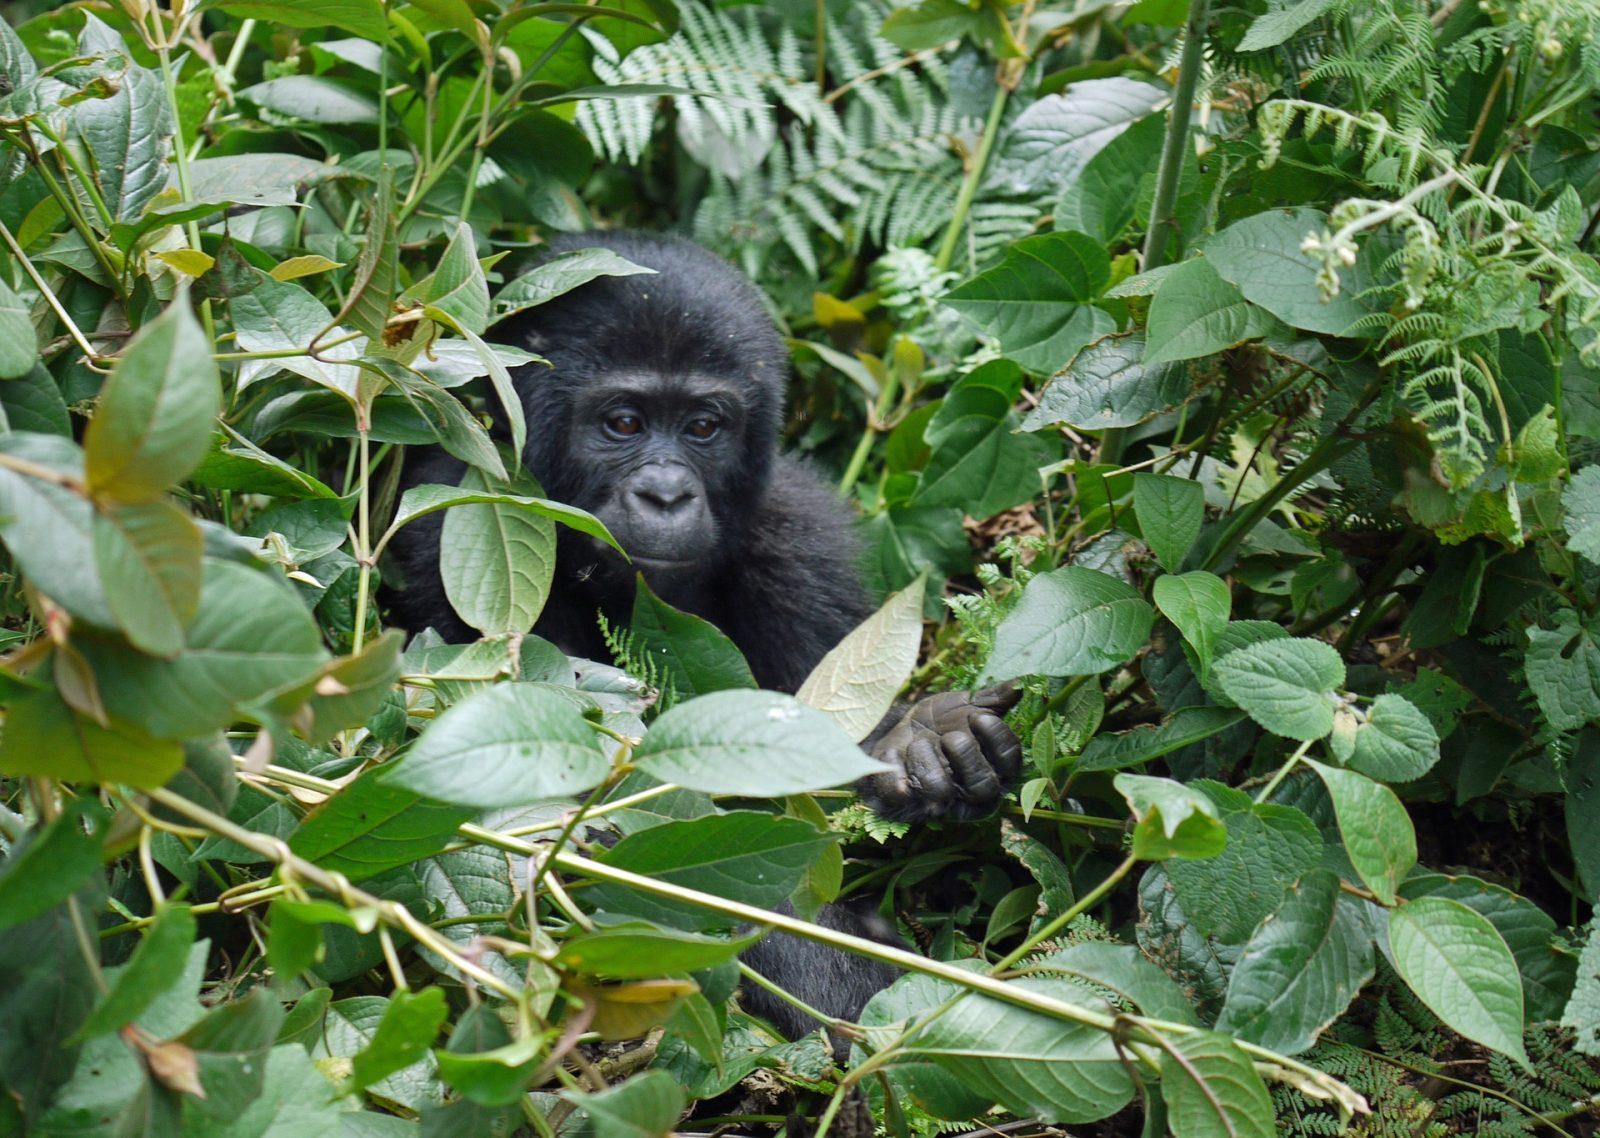 Conservation - Uganda Gorilla Adventure